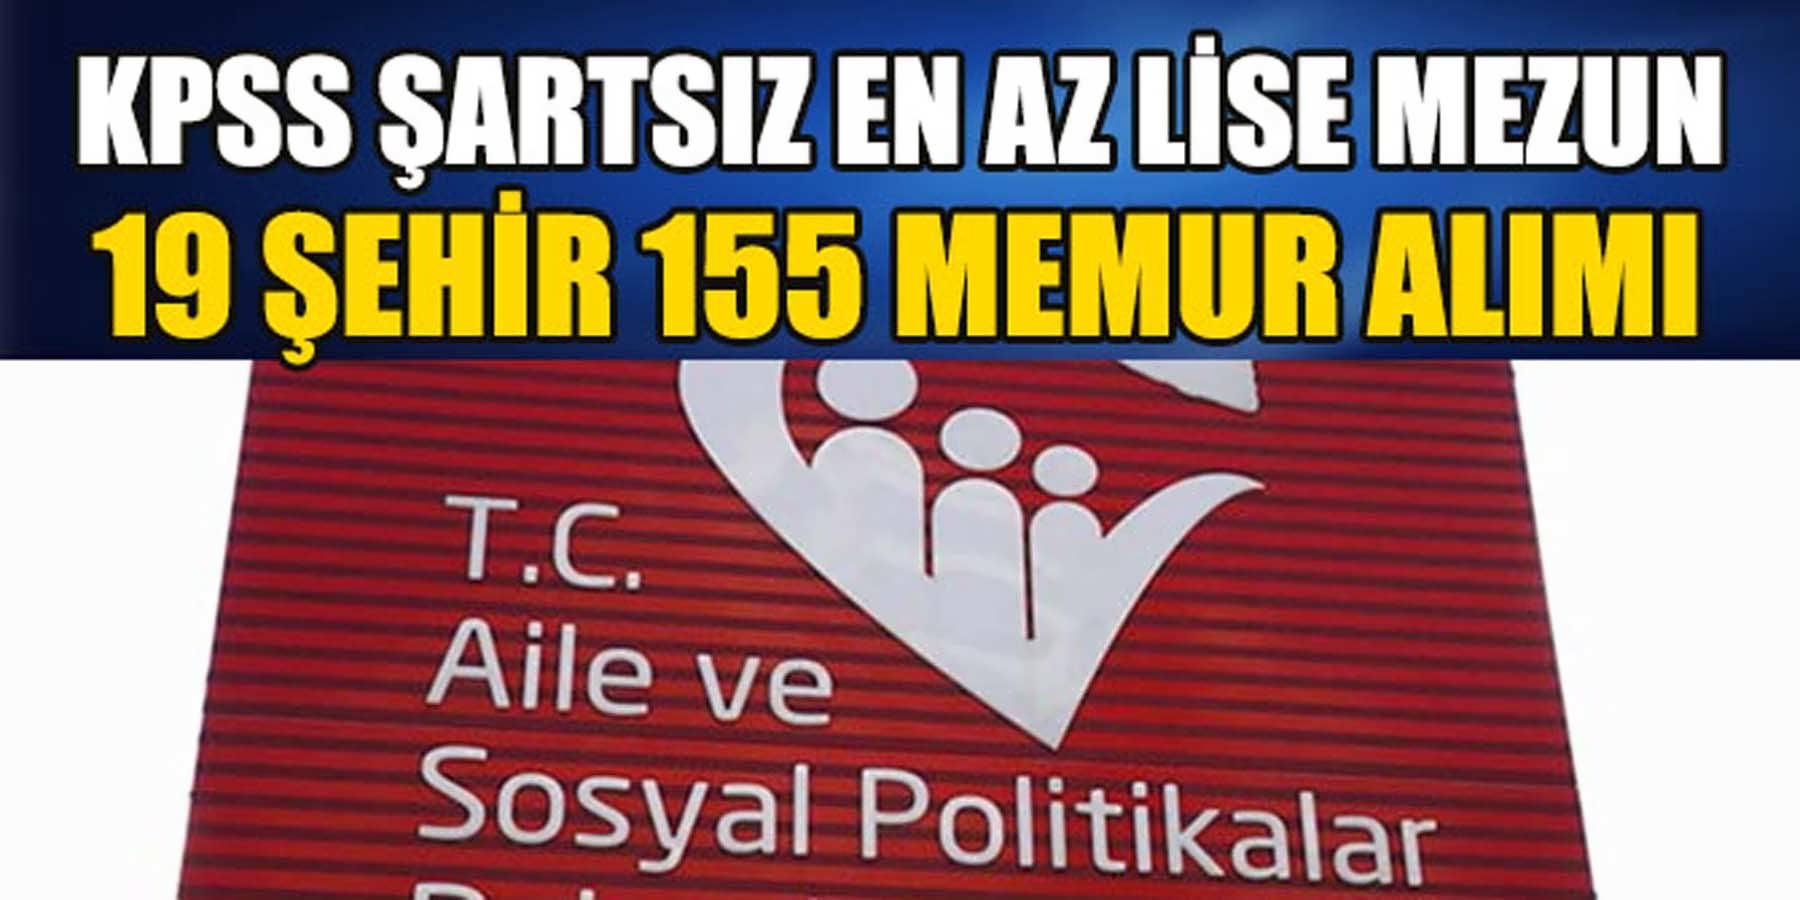 Aile Bakanlığı 19 Şehre KPSS'Siz 155 Memur Alımı